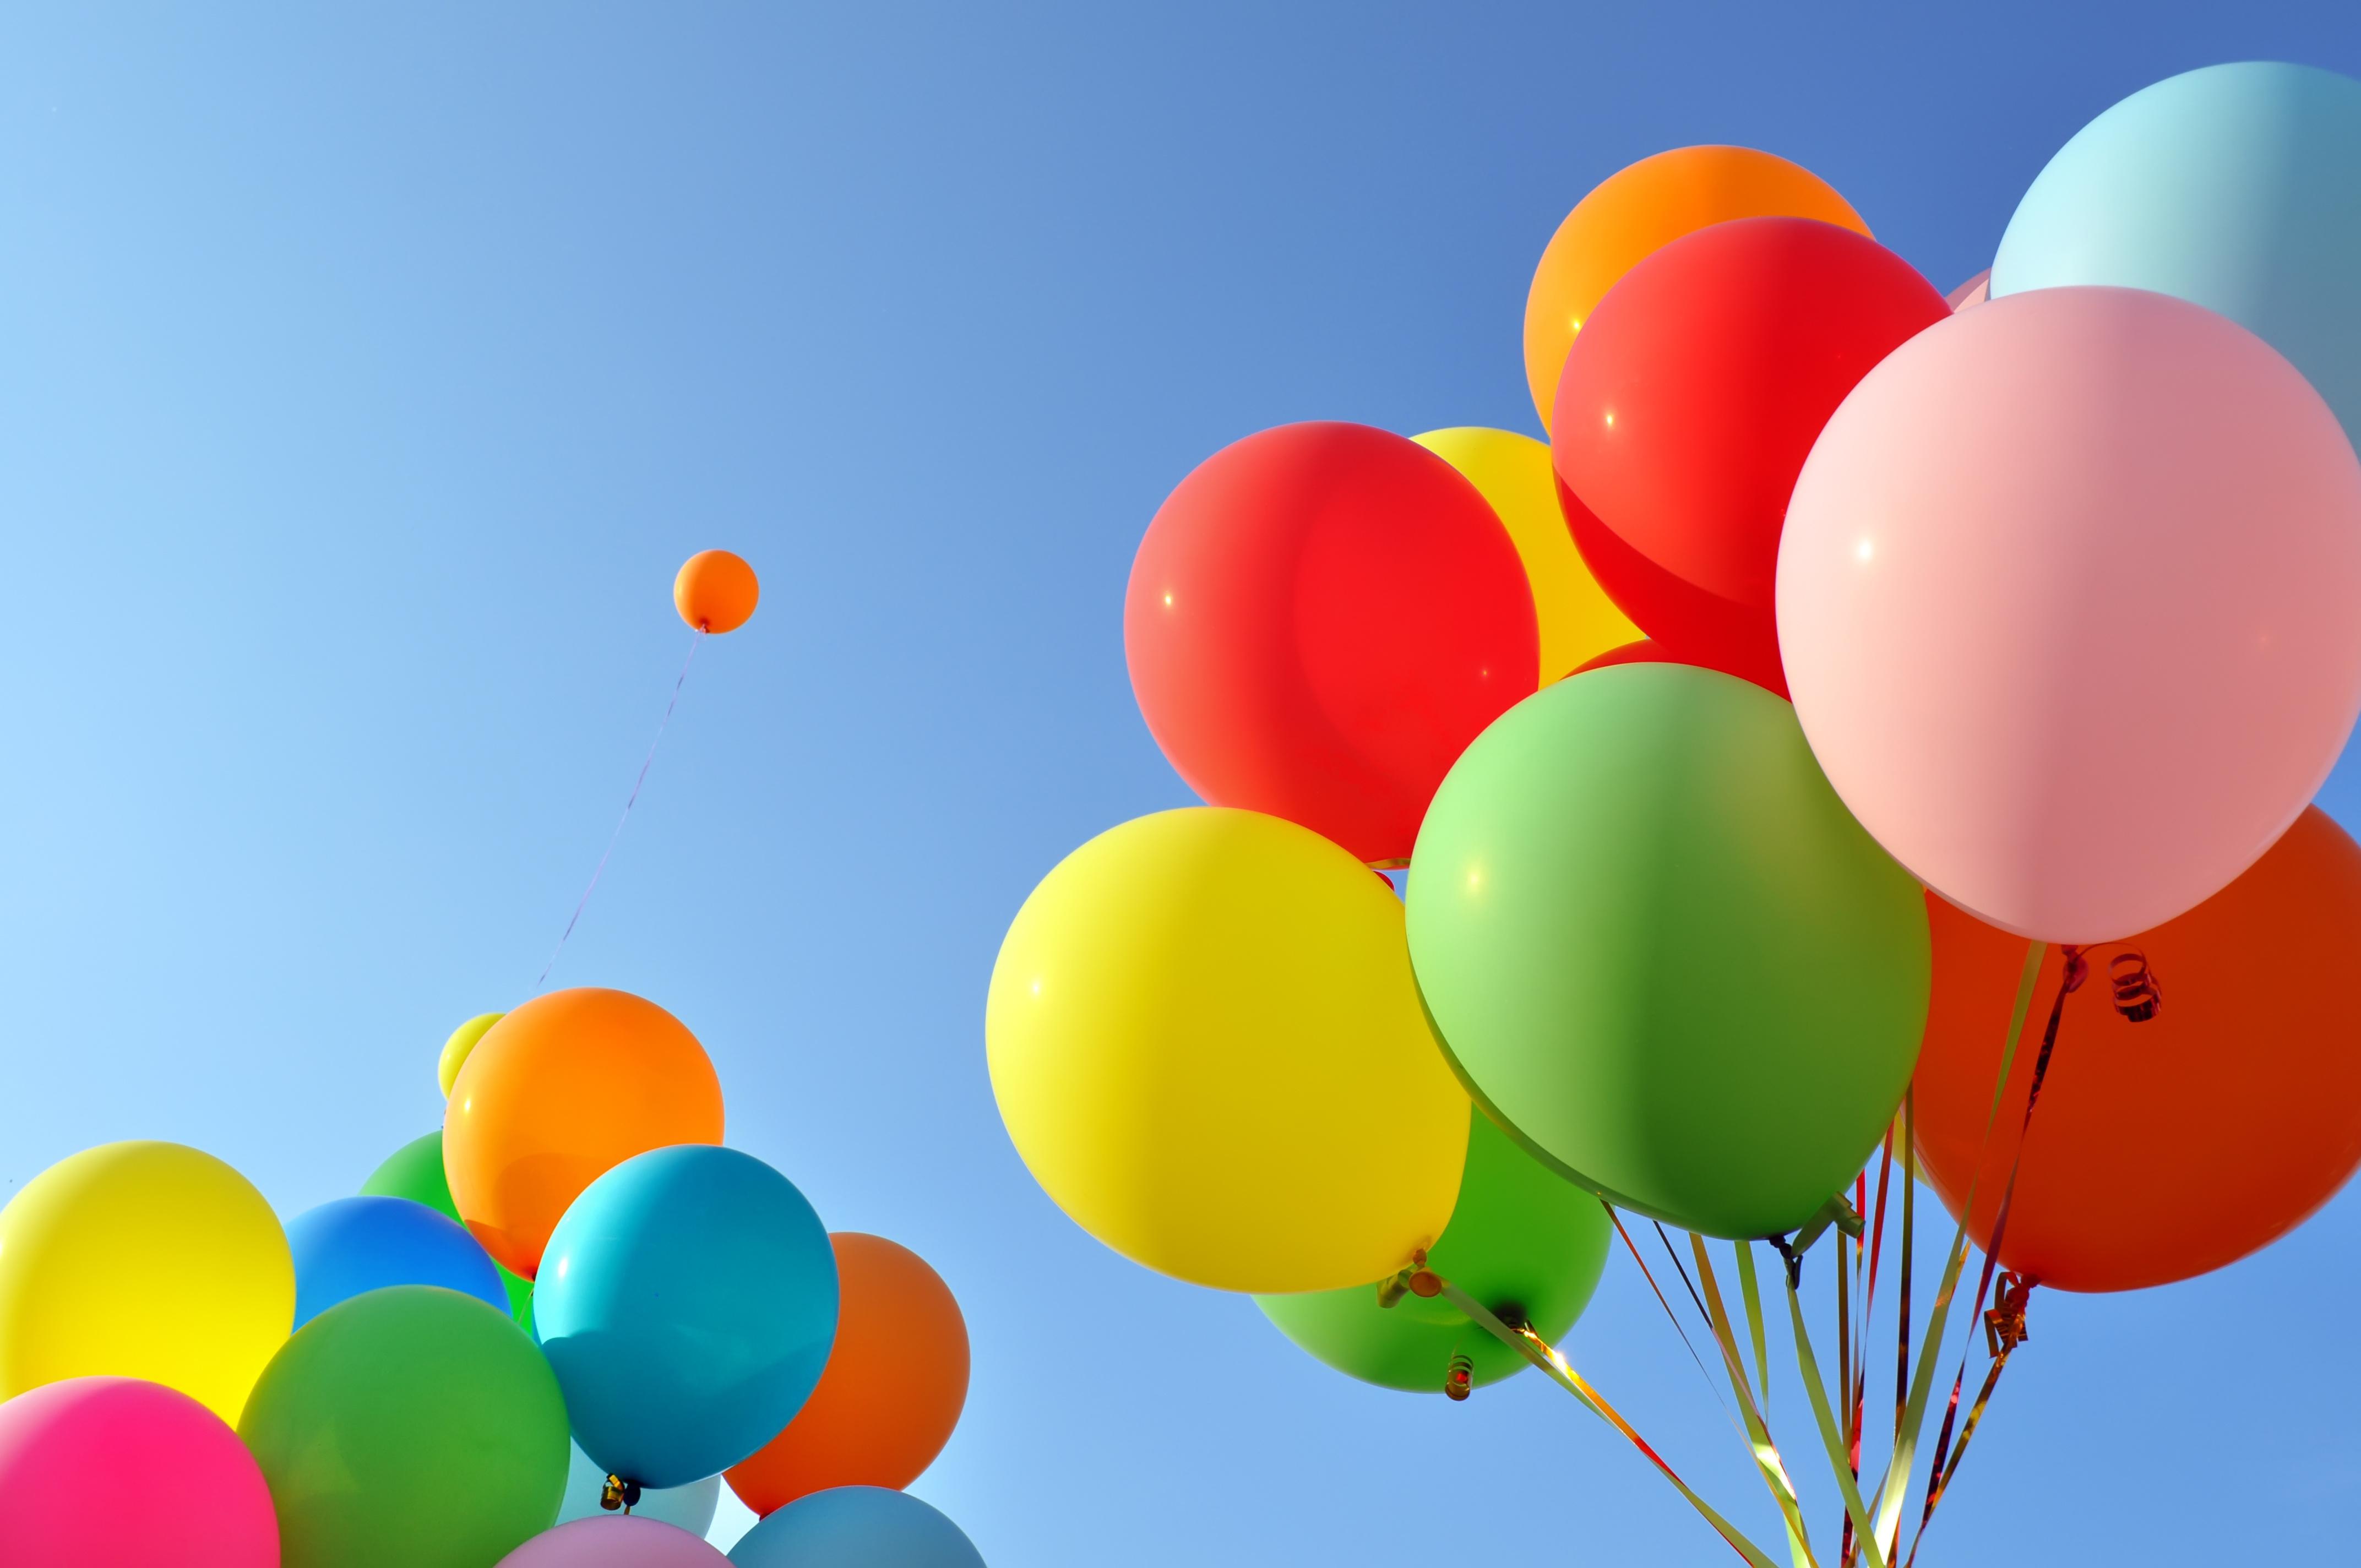 шары небо balls the sky  № 1008164 без смс